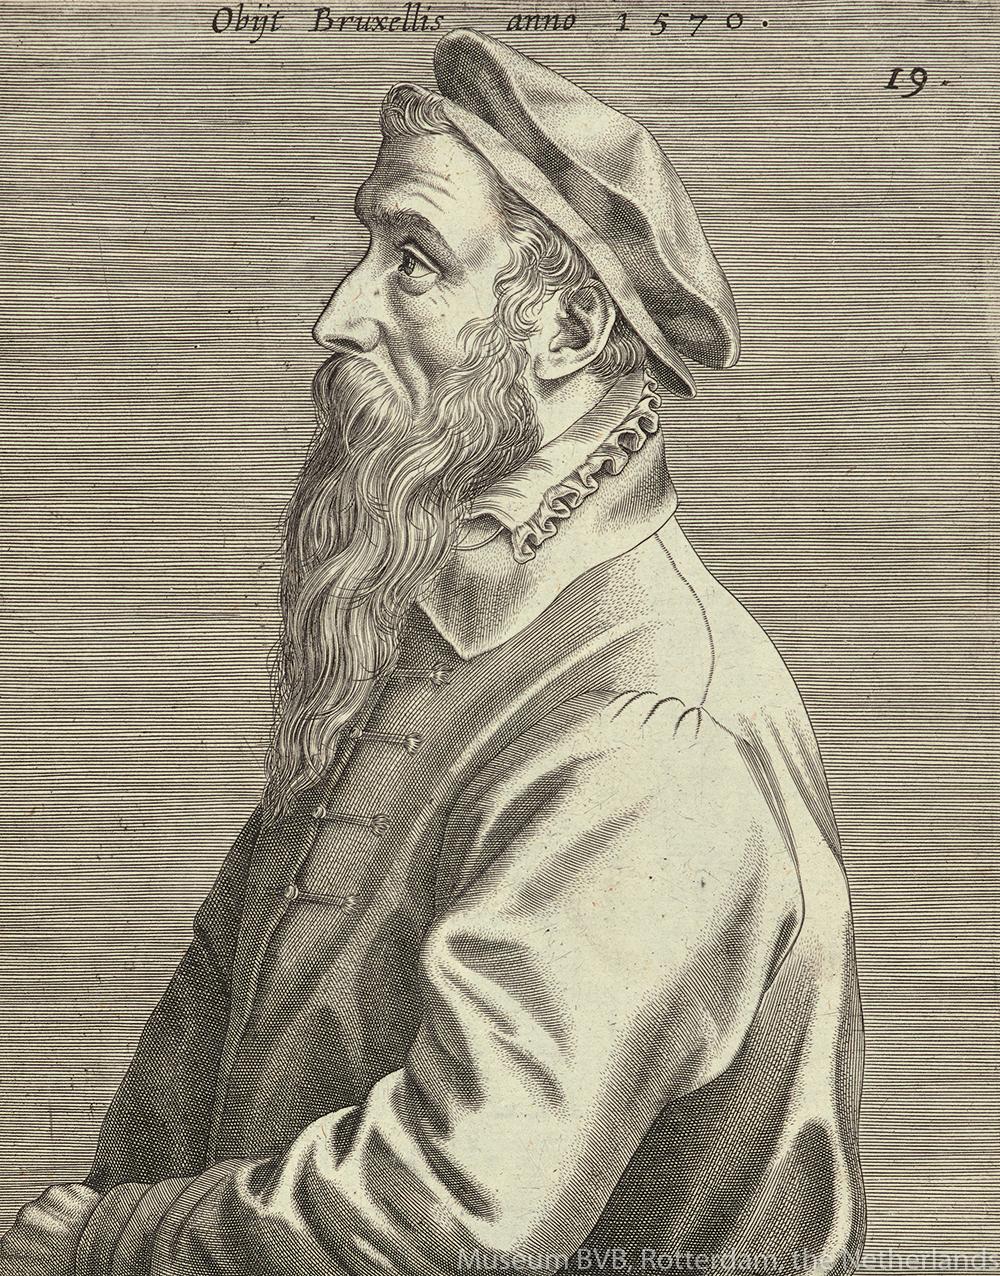 ヨハネス・ウィーリクス《ピーテル・ブリューゲル1世の肖像》(部分、1600年出版 エングレーヴィング)